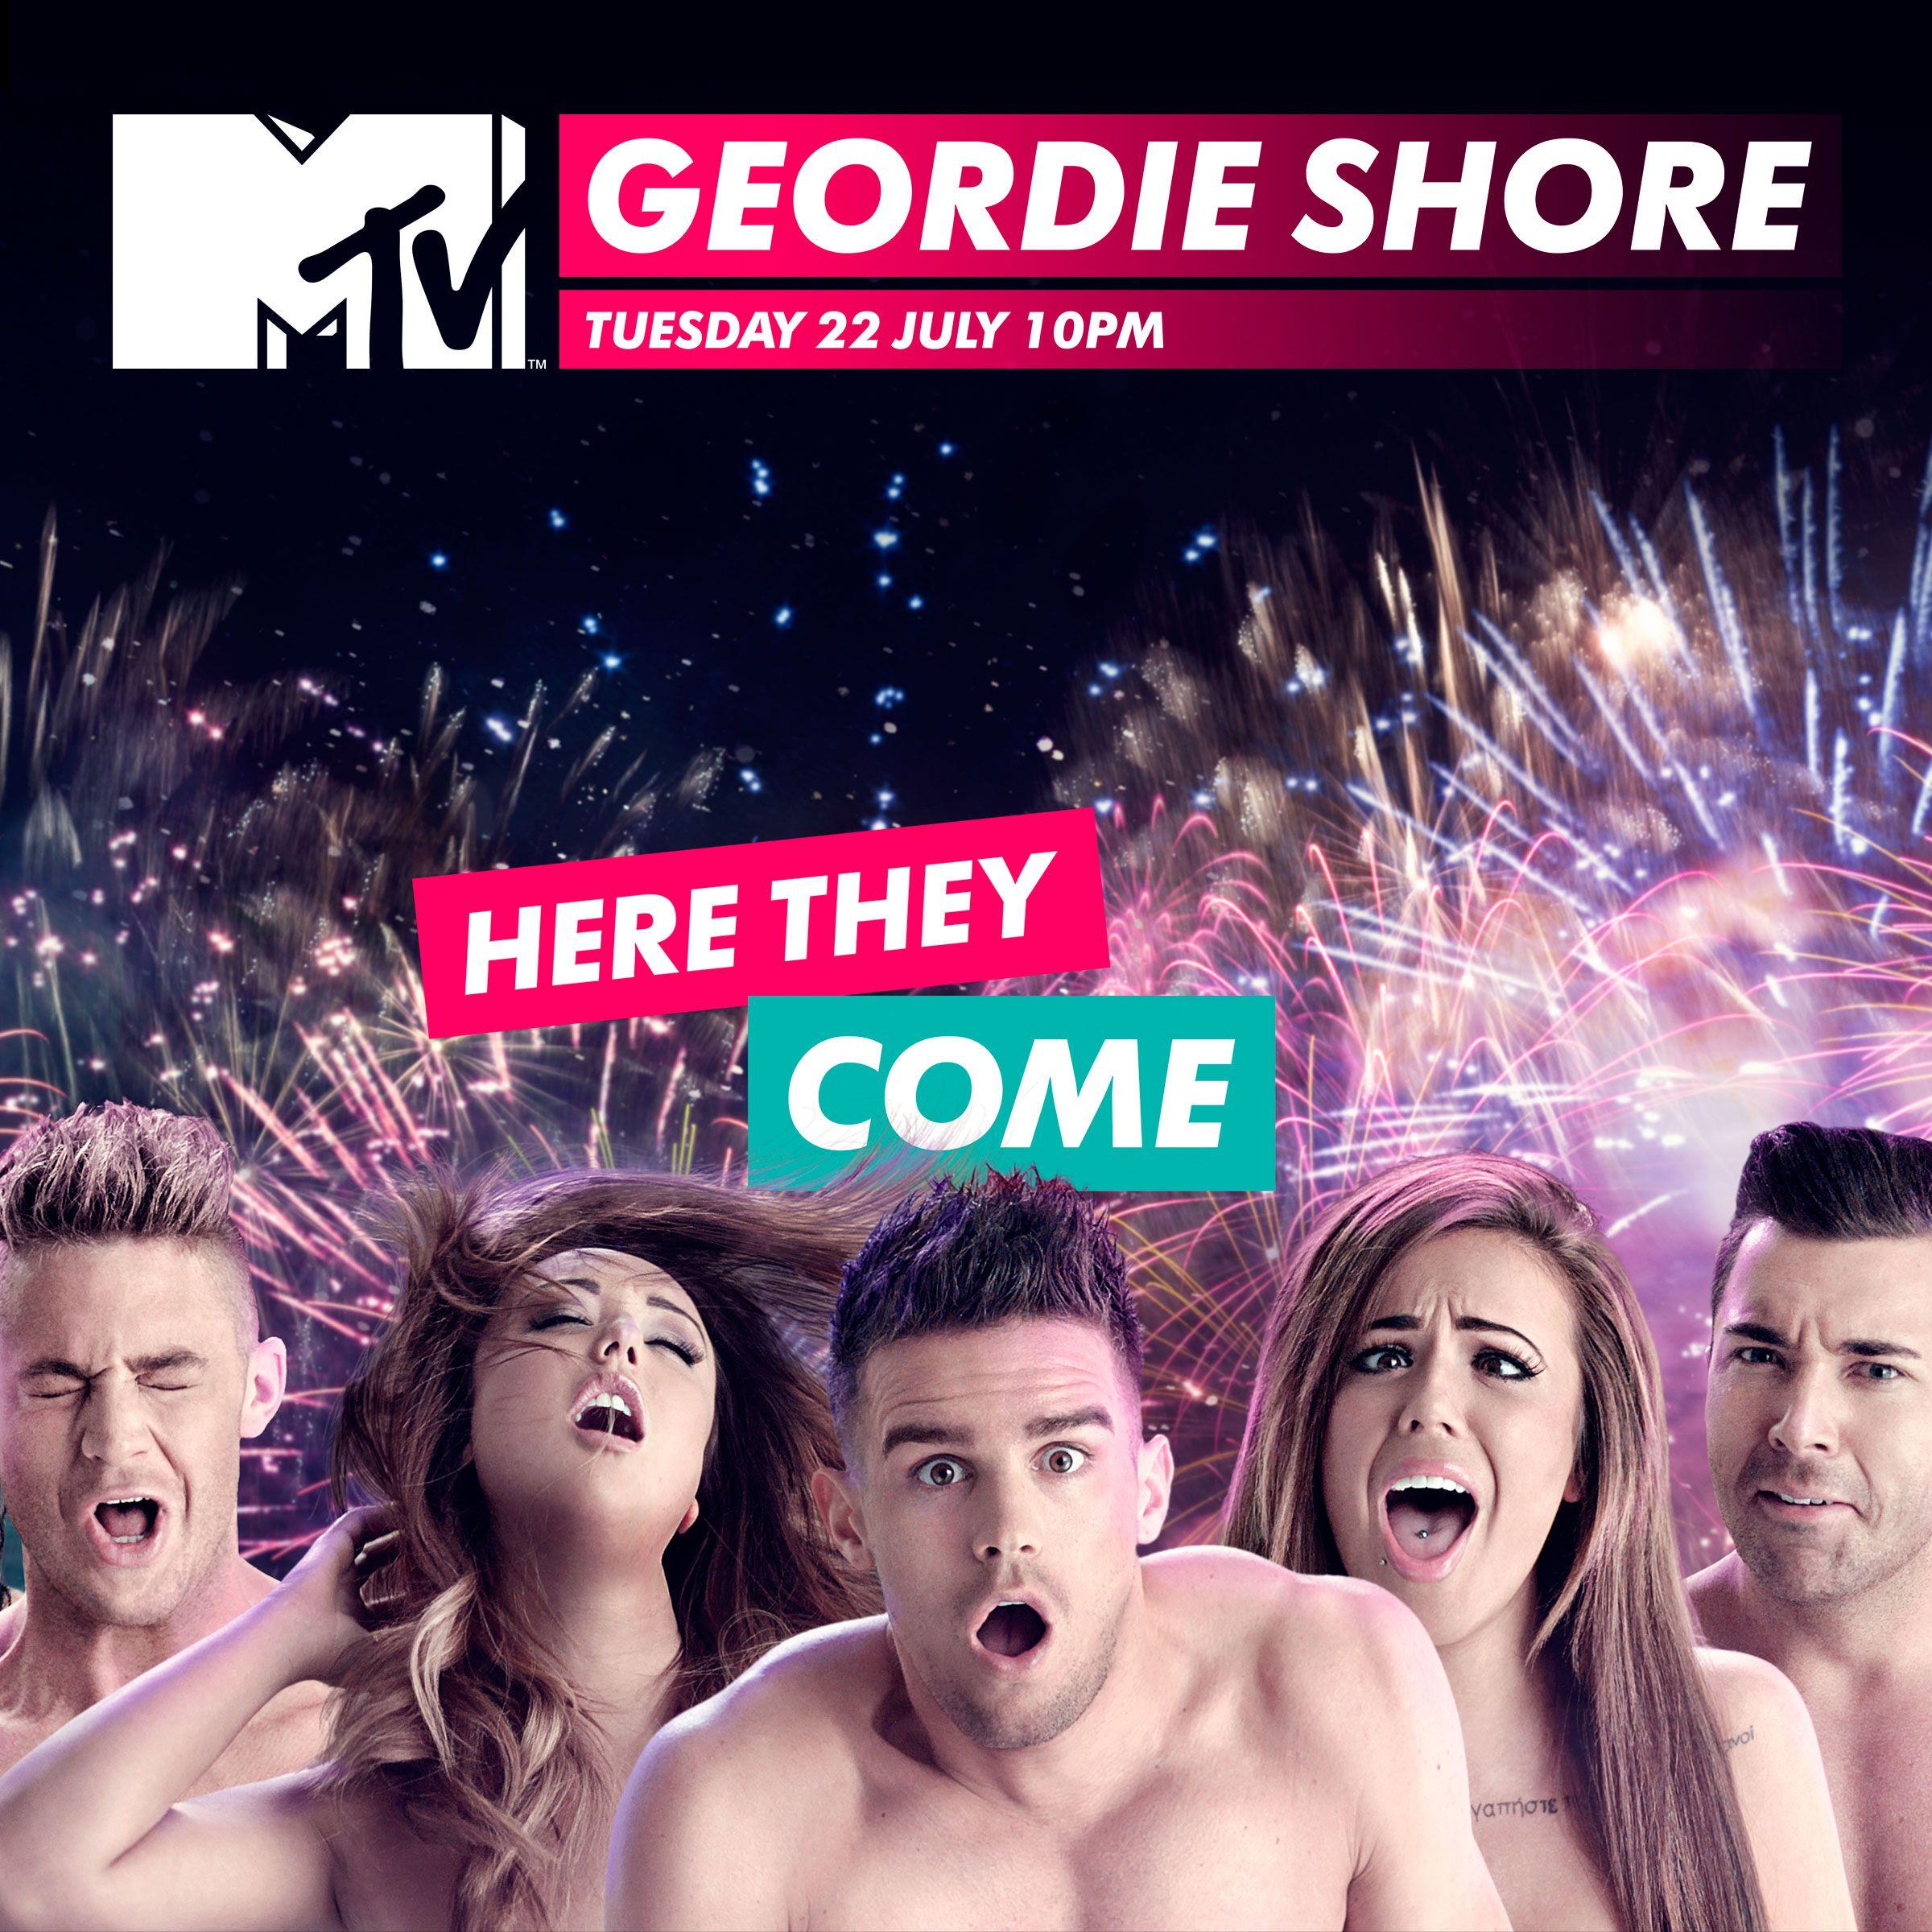 geordie shore season 8 episode 1